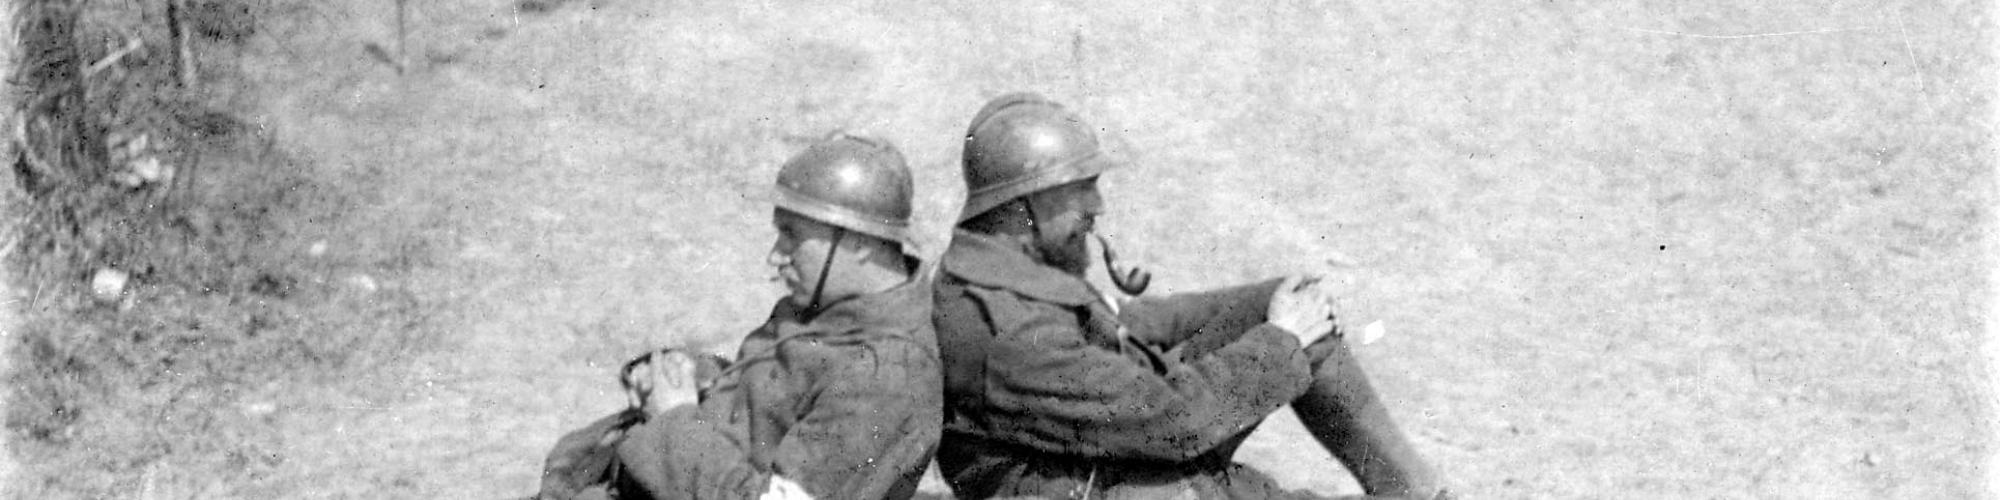 Fonds Photos Première Guerre mondiale